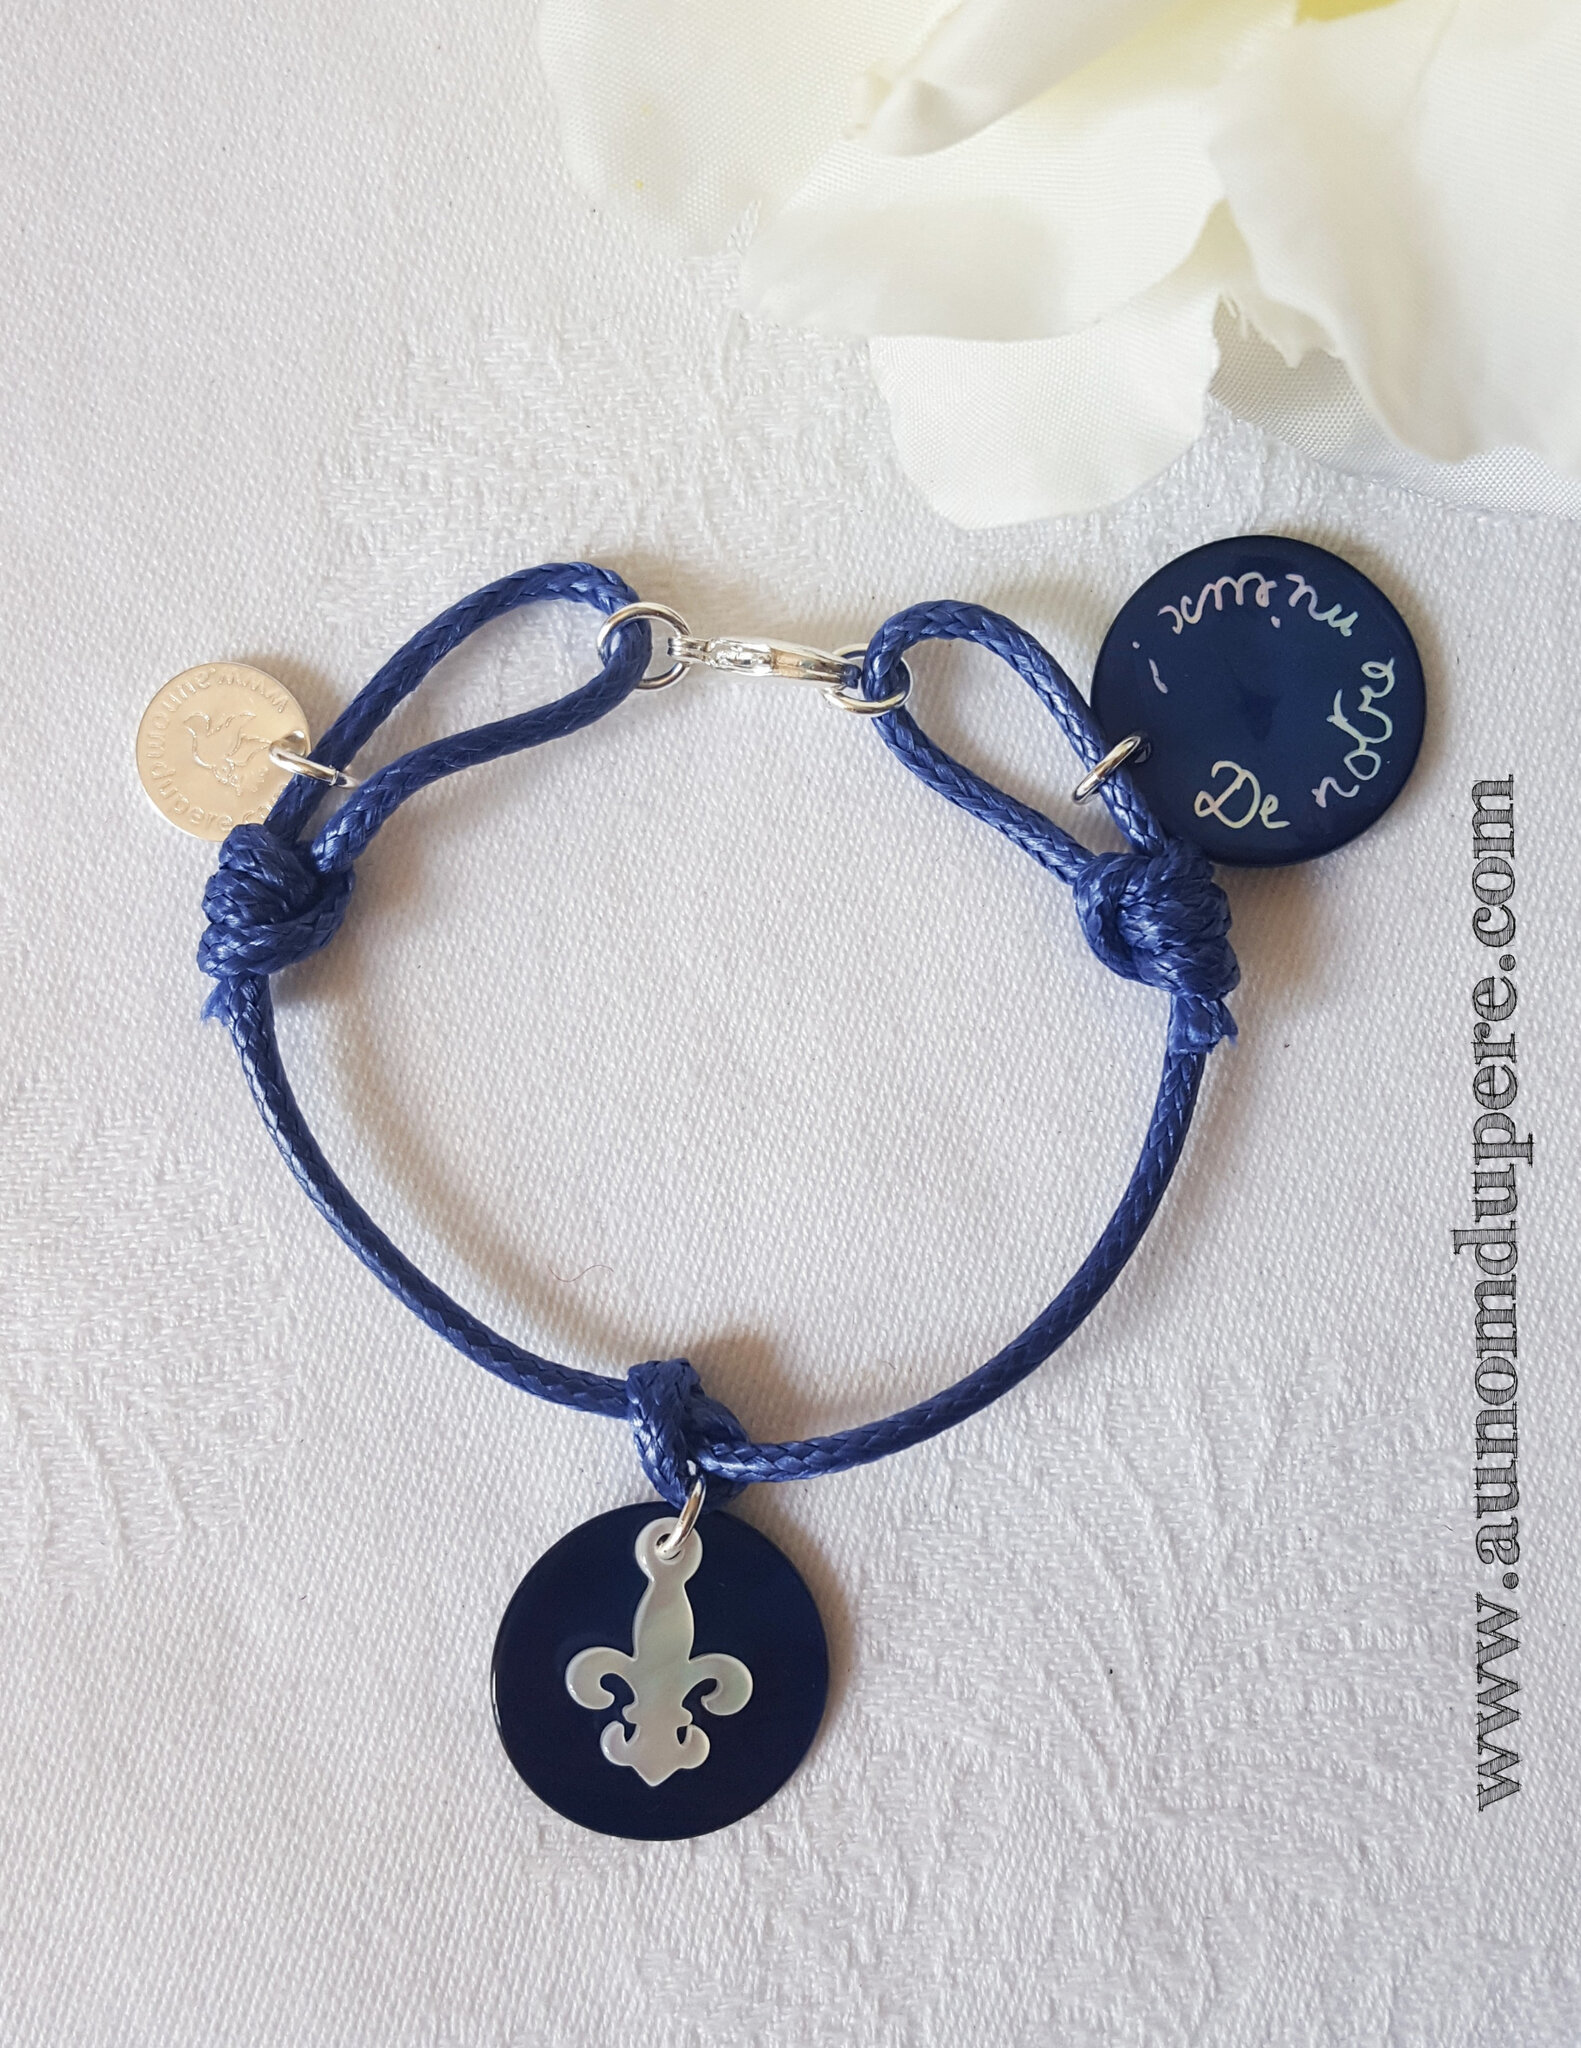 Bracelet de louvette - 29 €